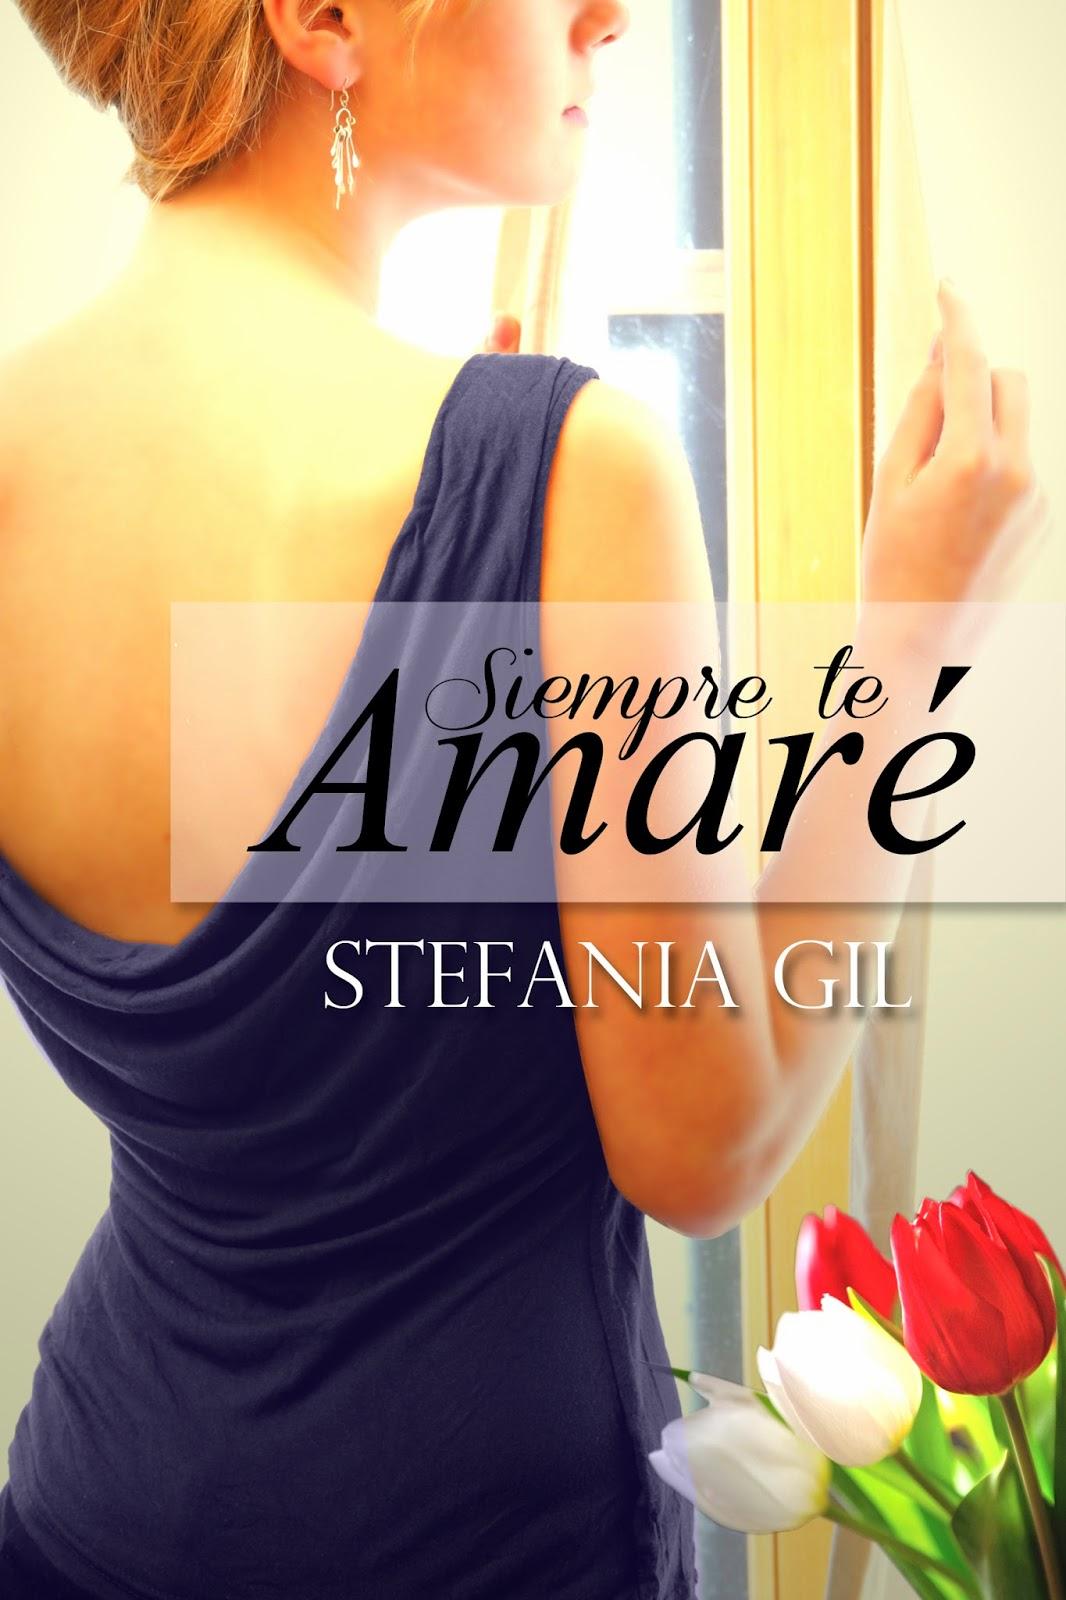 Siempre Te Amare - Stegania Gil